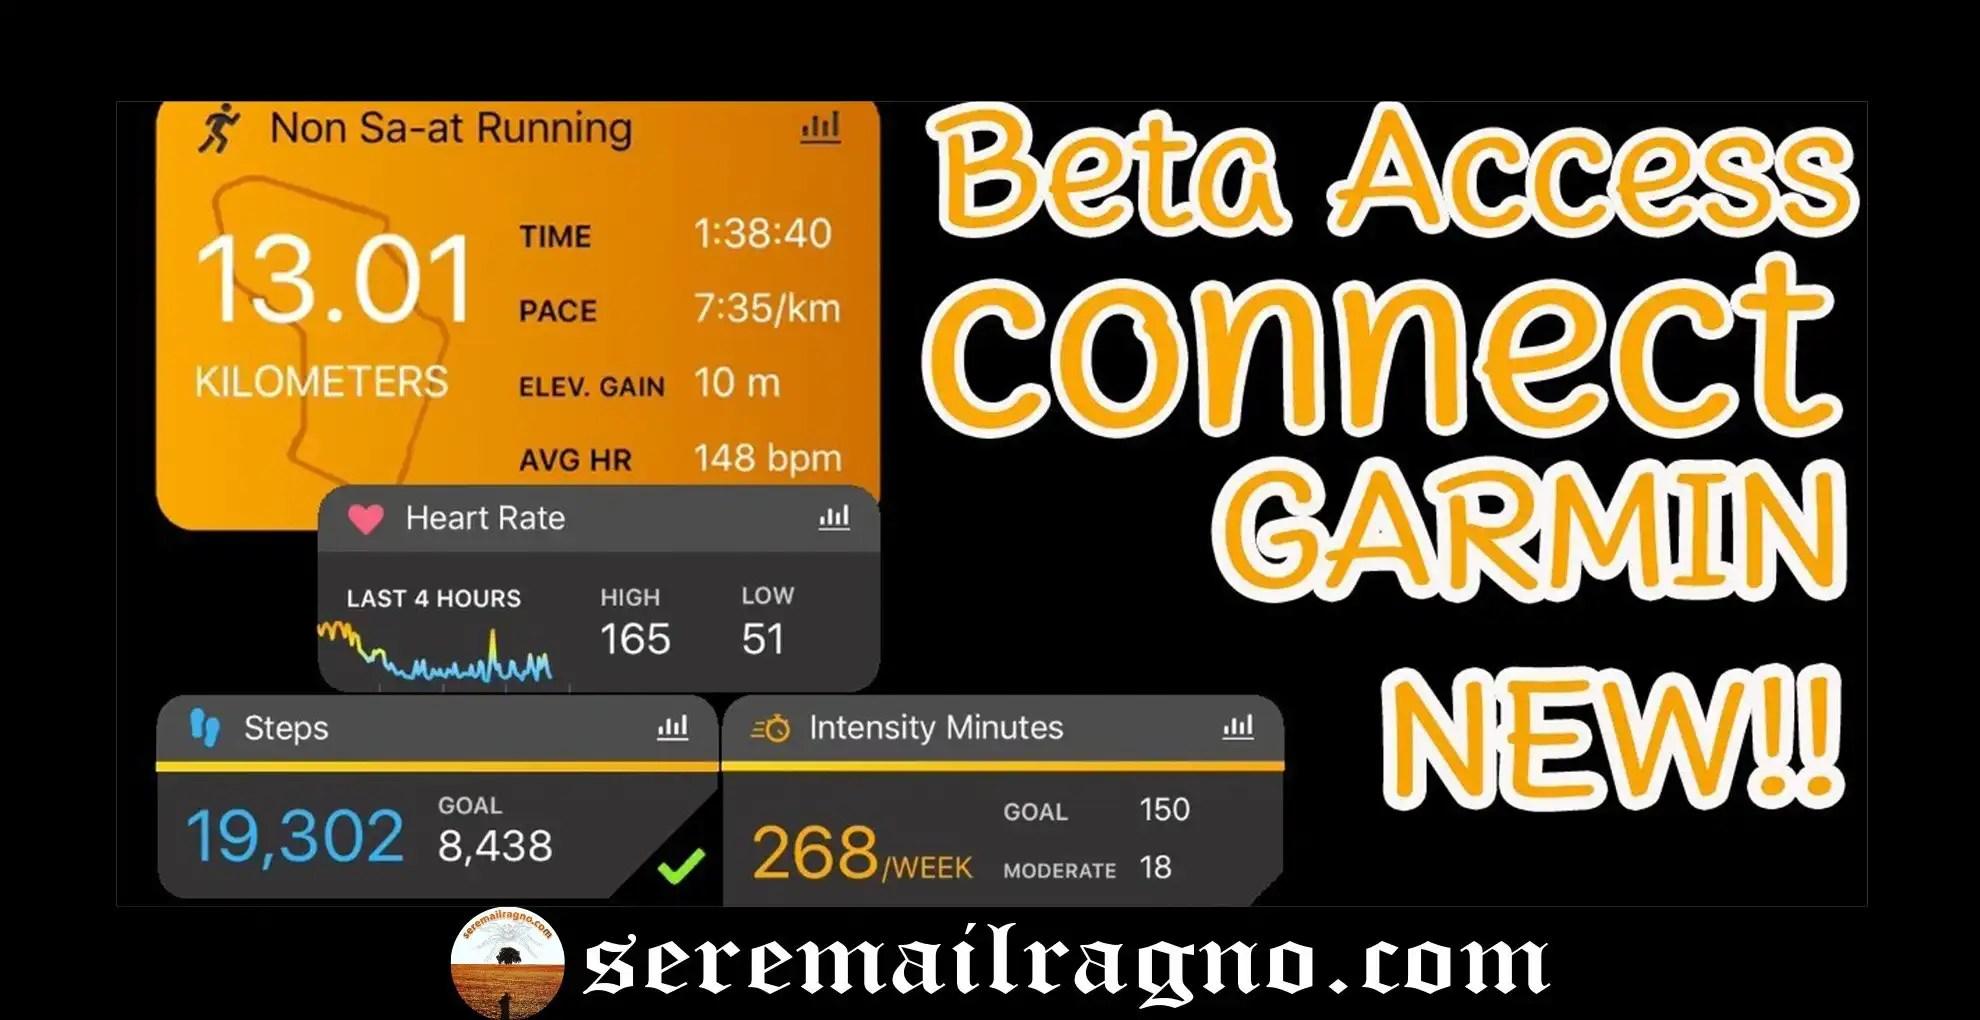 Garmin Connect: rinnovo dell'interfaccia con la versione beta